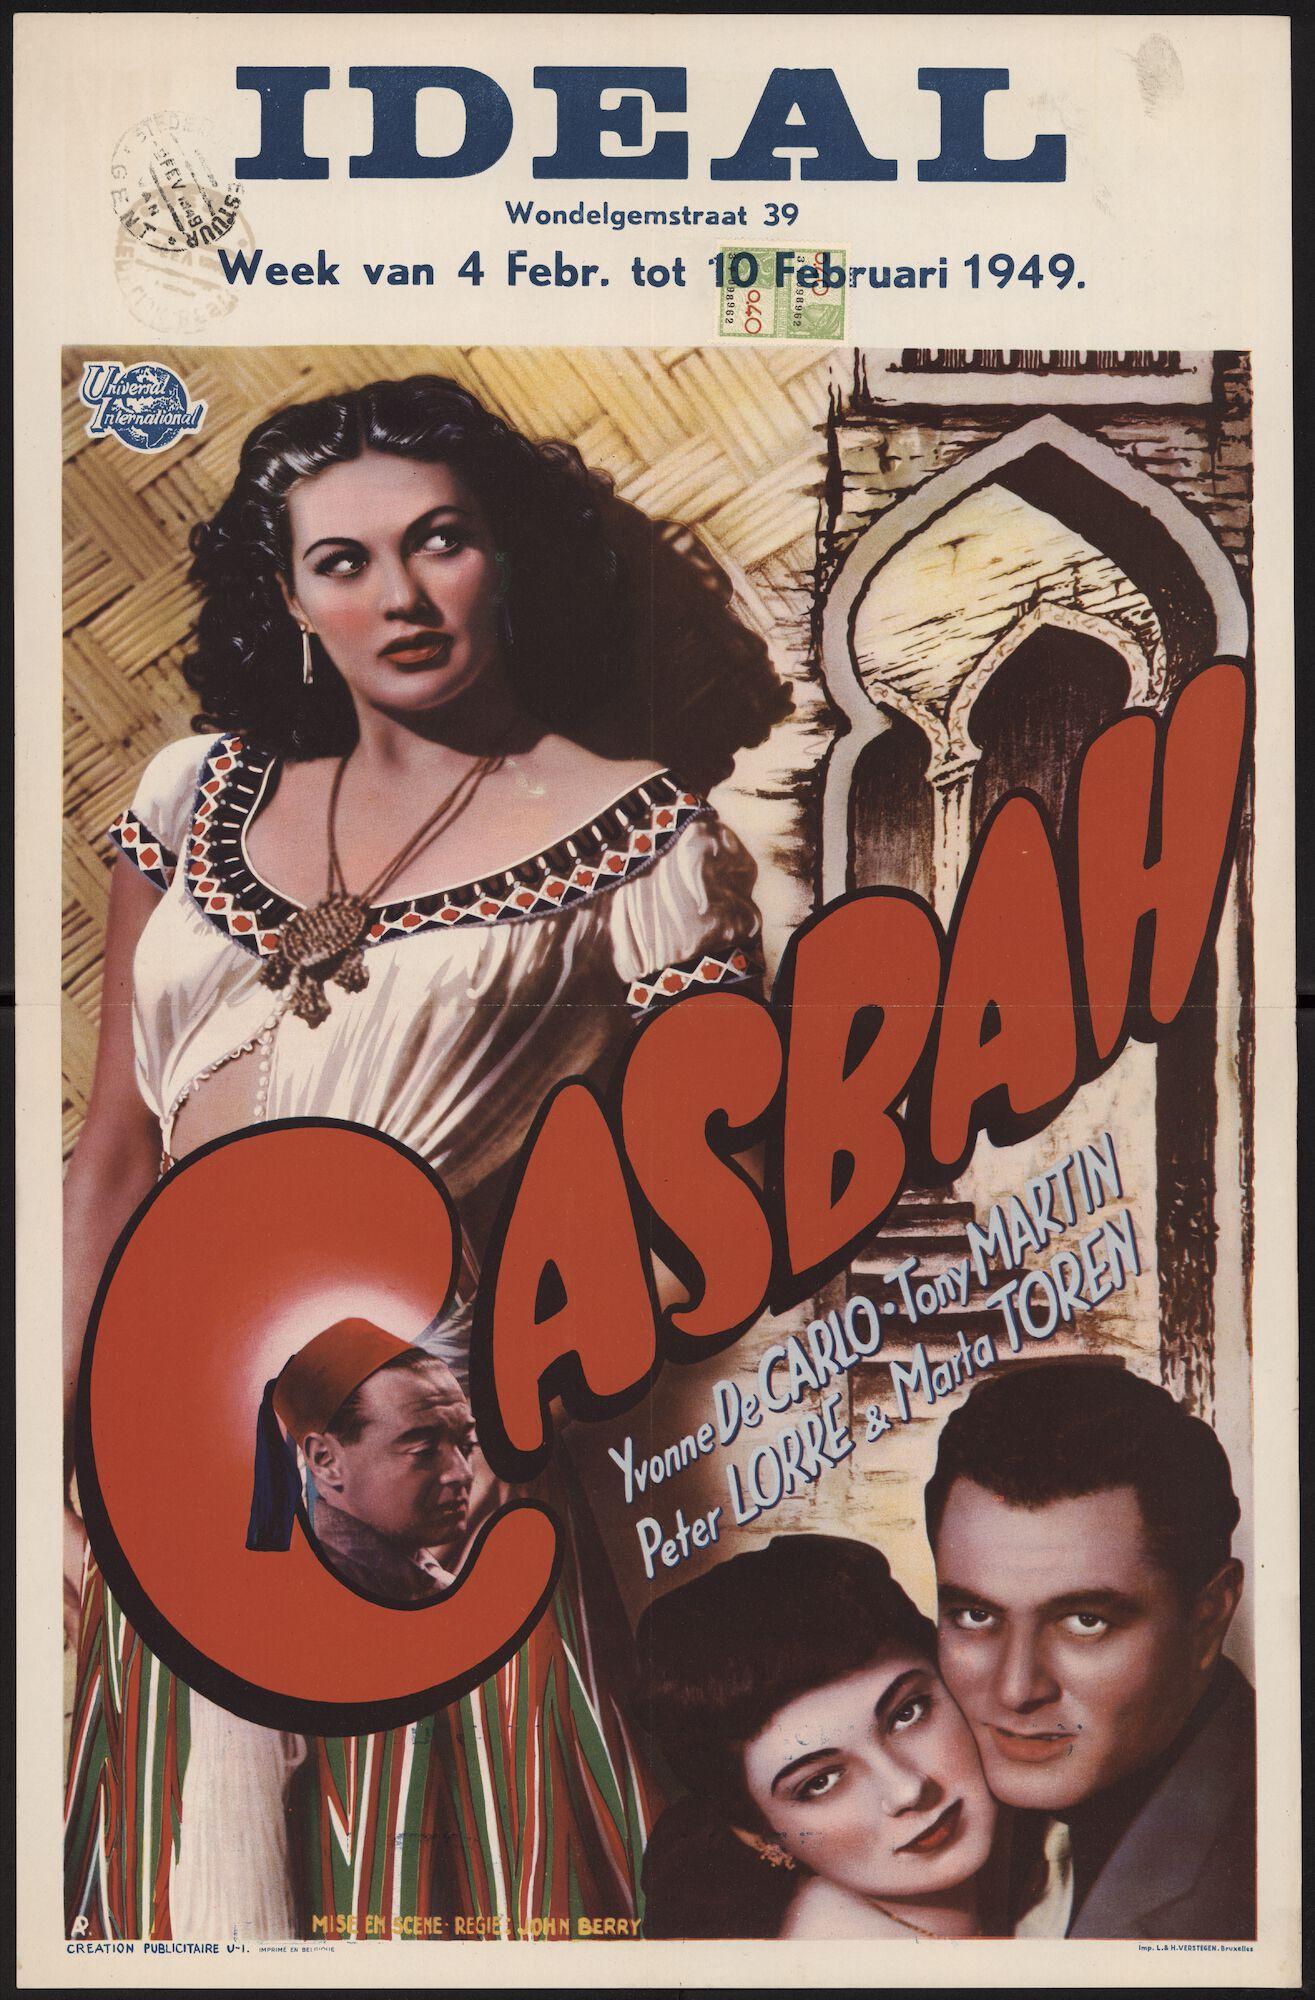 Casbah, Ideal, Gent, 4 - 10 februari 1949